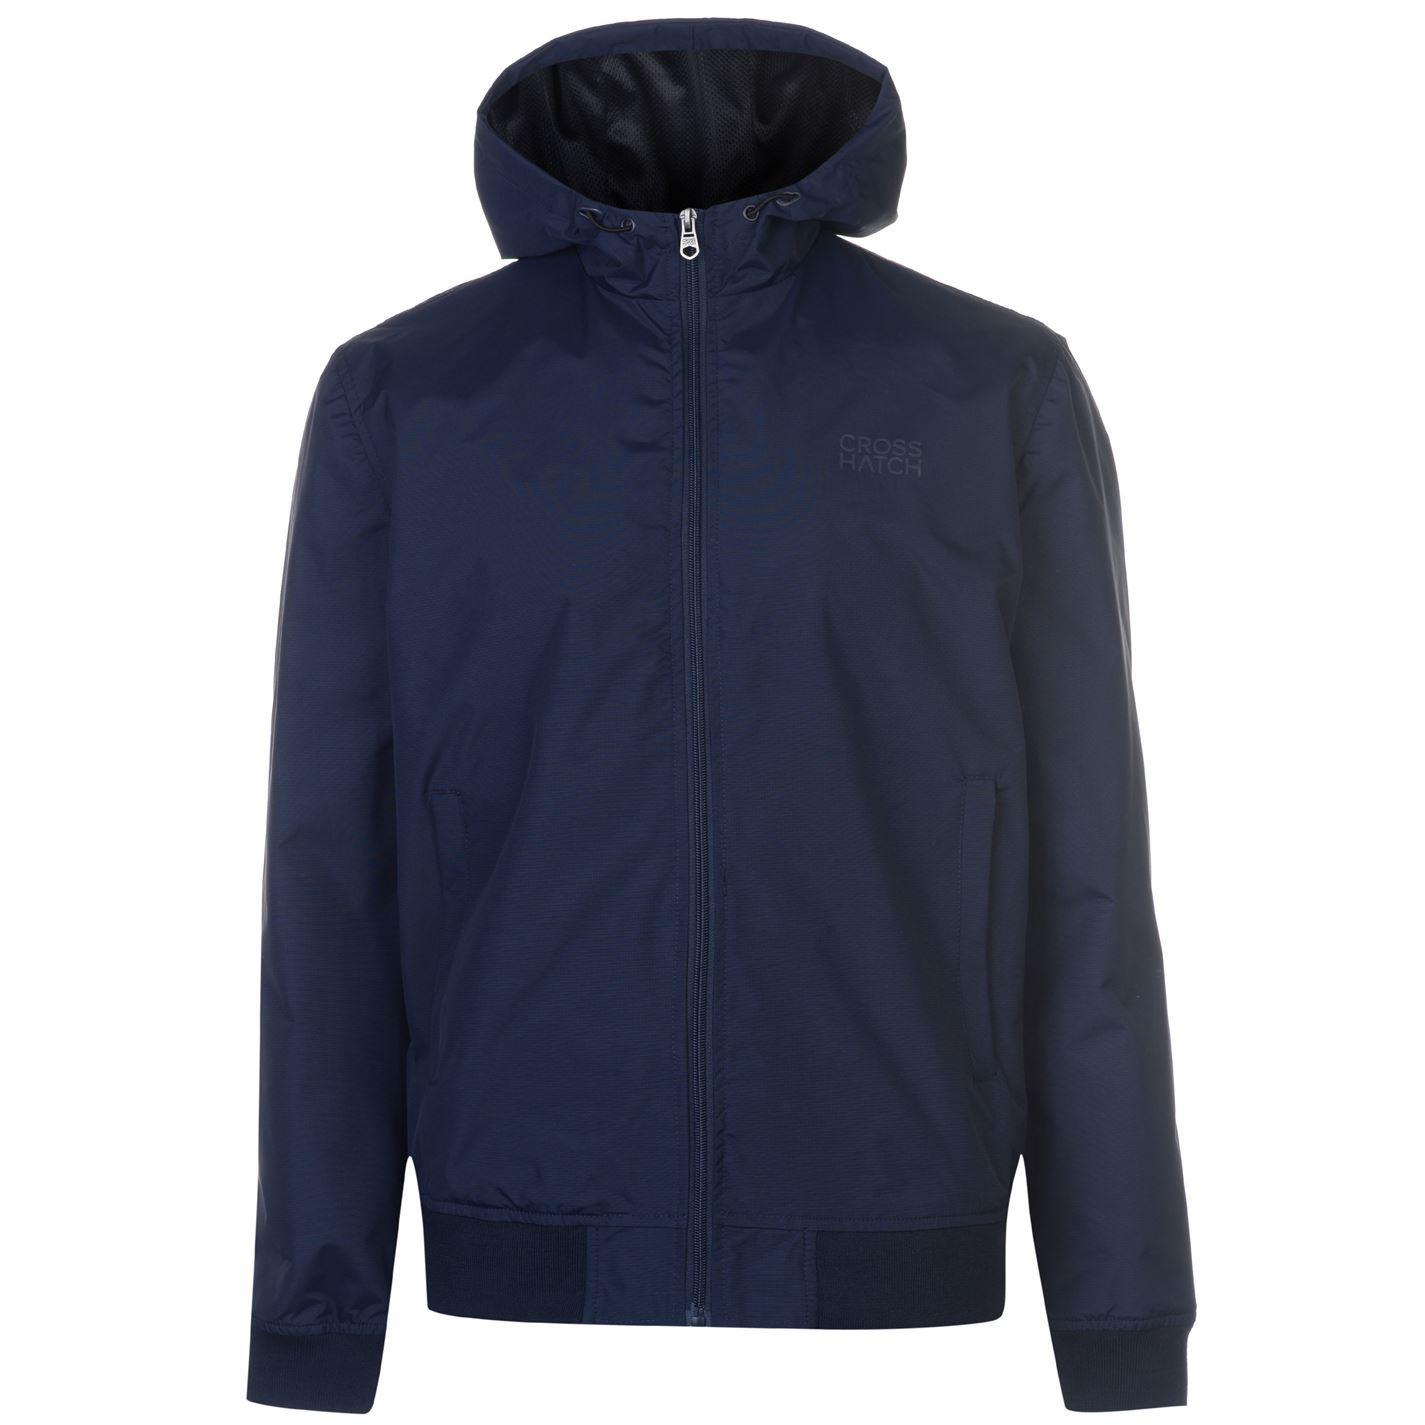 Crosshatch Saverio Jacket Mens Gents Nylon Coat Top Lightweight ... 445ee719f4